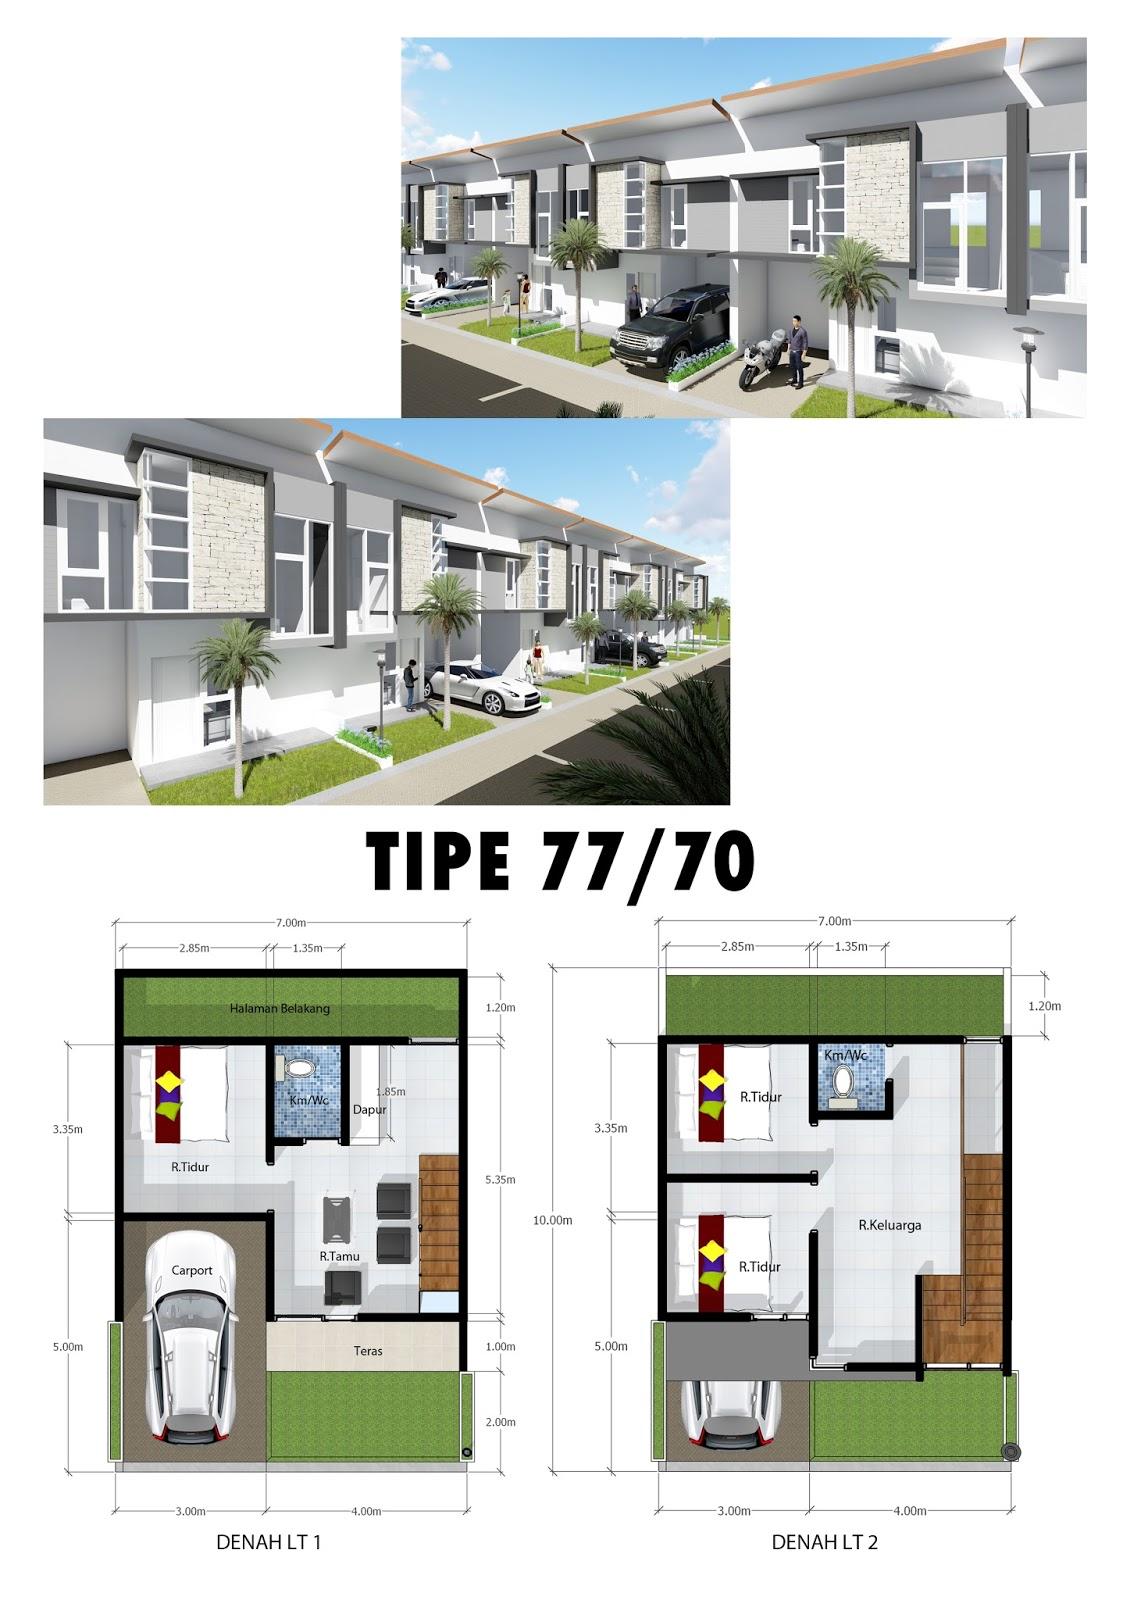 Rumah villa tipe 77/70 di Exotic Panderman Hill - Batu Malang.